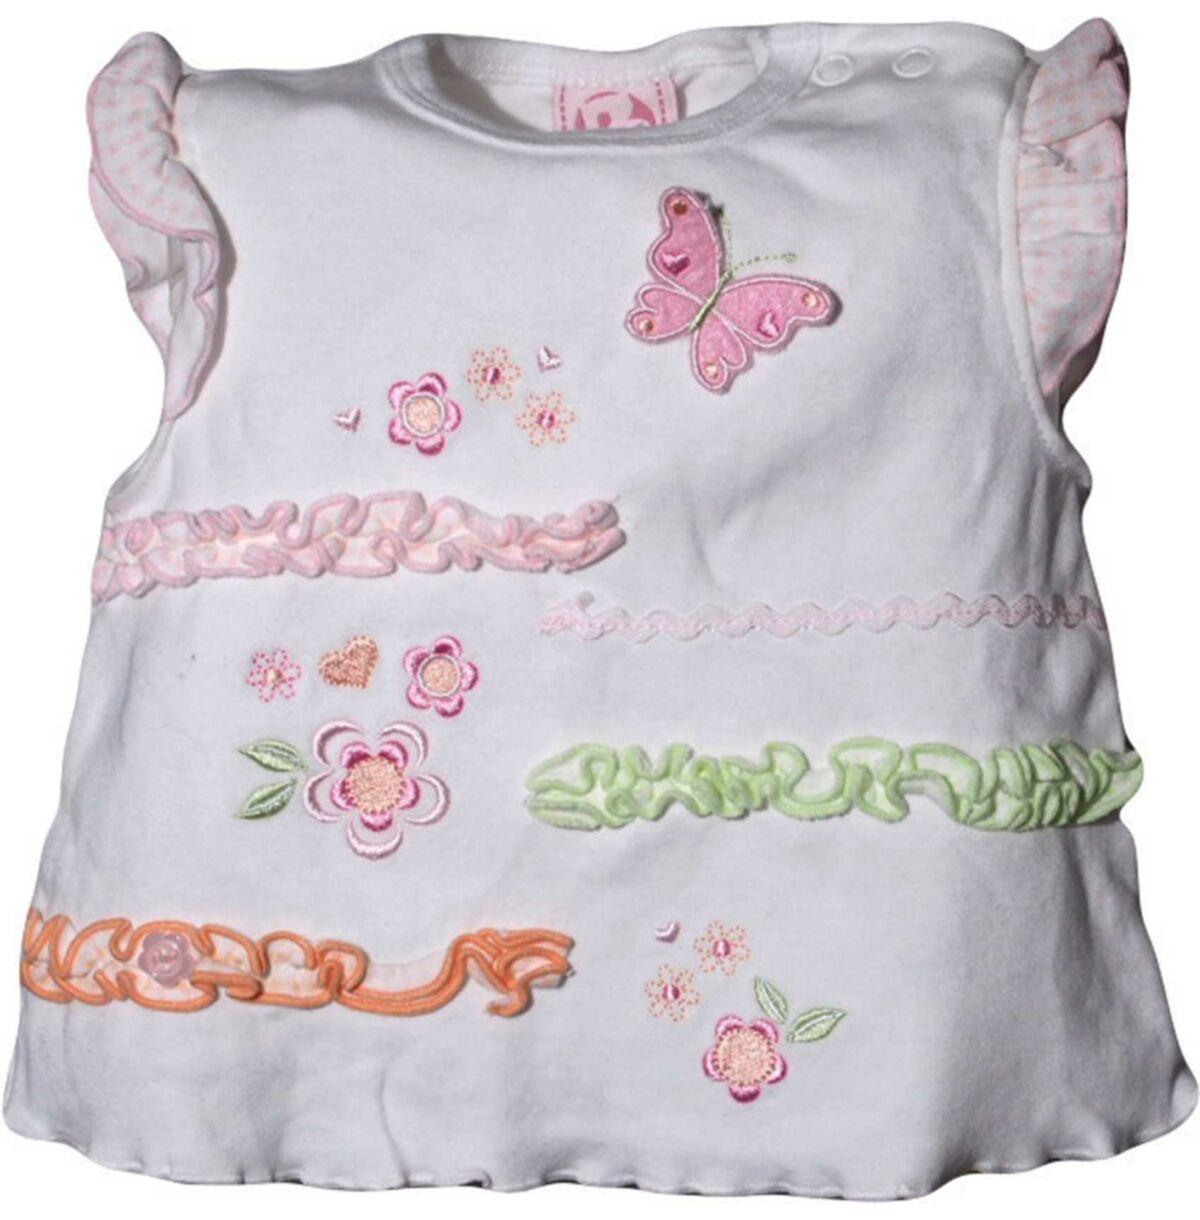 Használt ruha   Outlet szűrése  Nem  Lány e7f3d12894